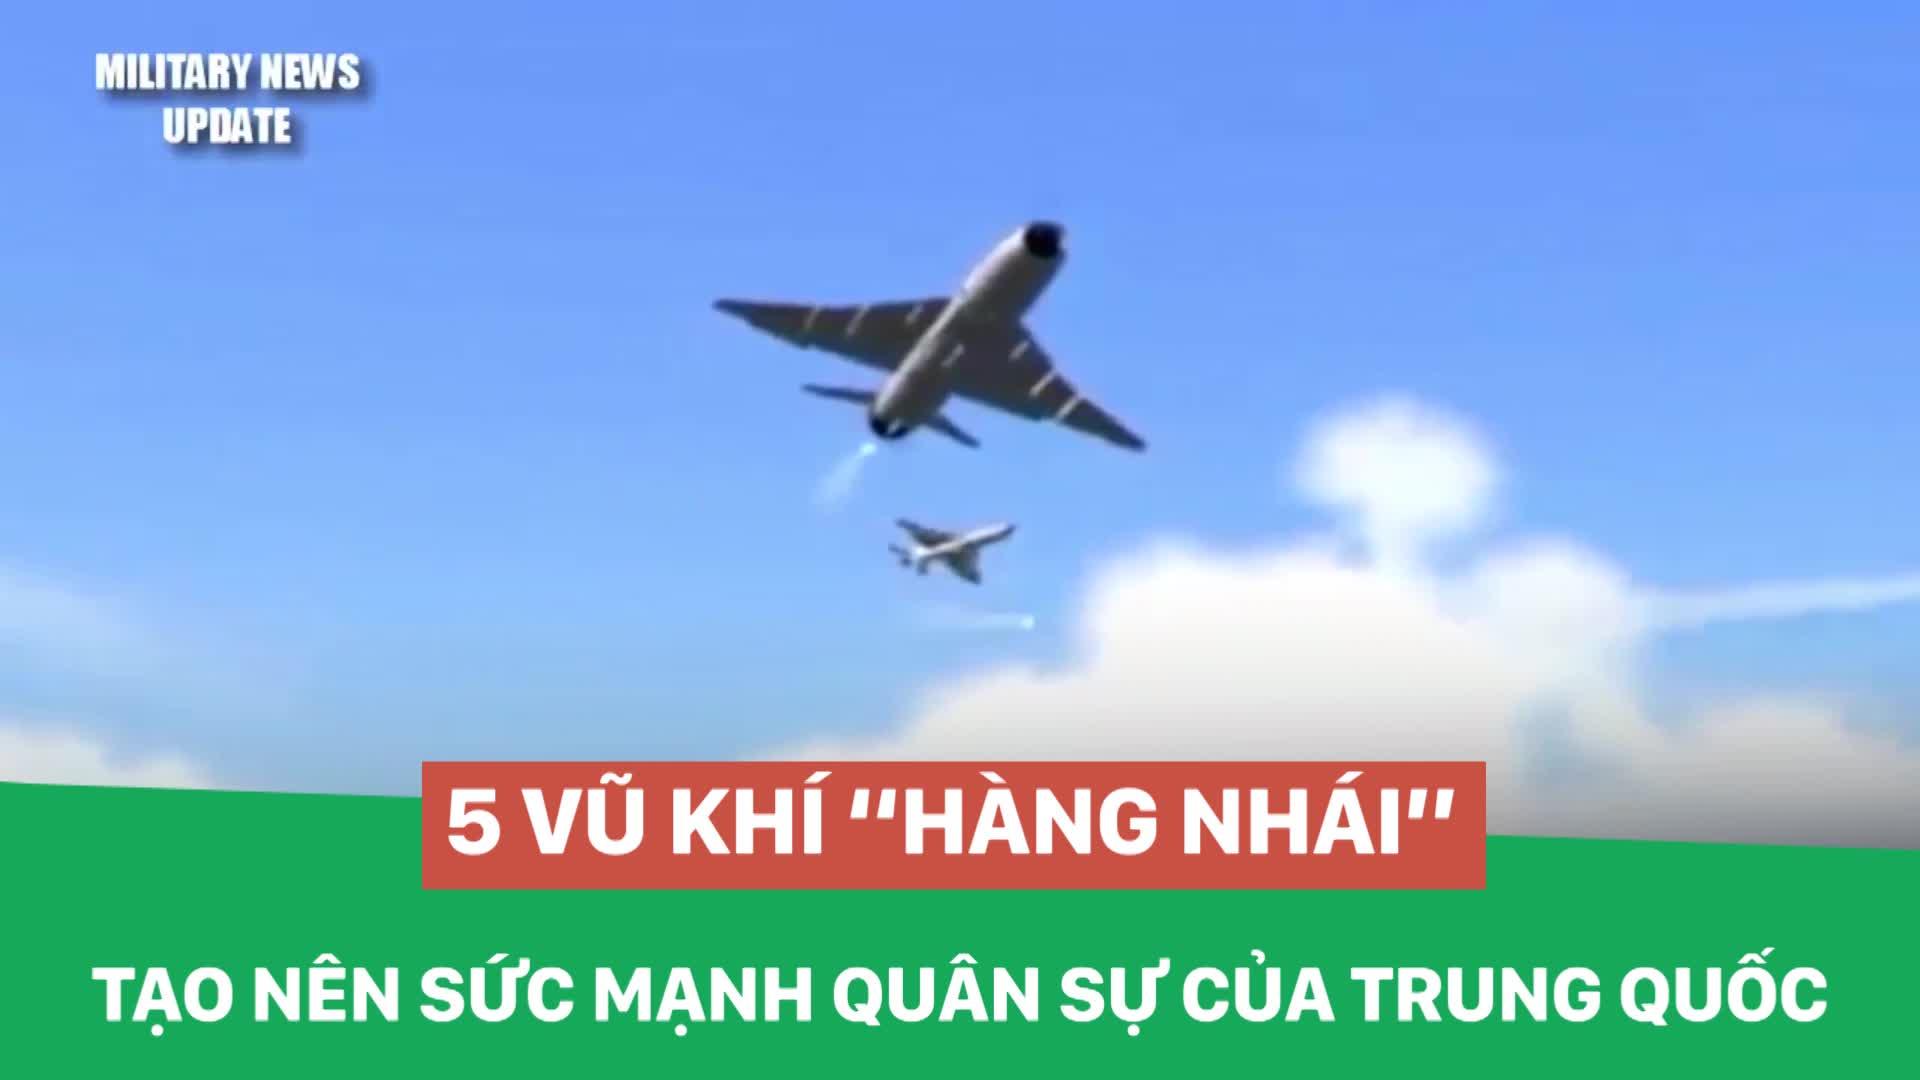 """5 vũ khí """"hàng nhái"""" tạo nên sức mạnh quân sự của Trung Quốc"""